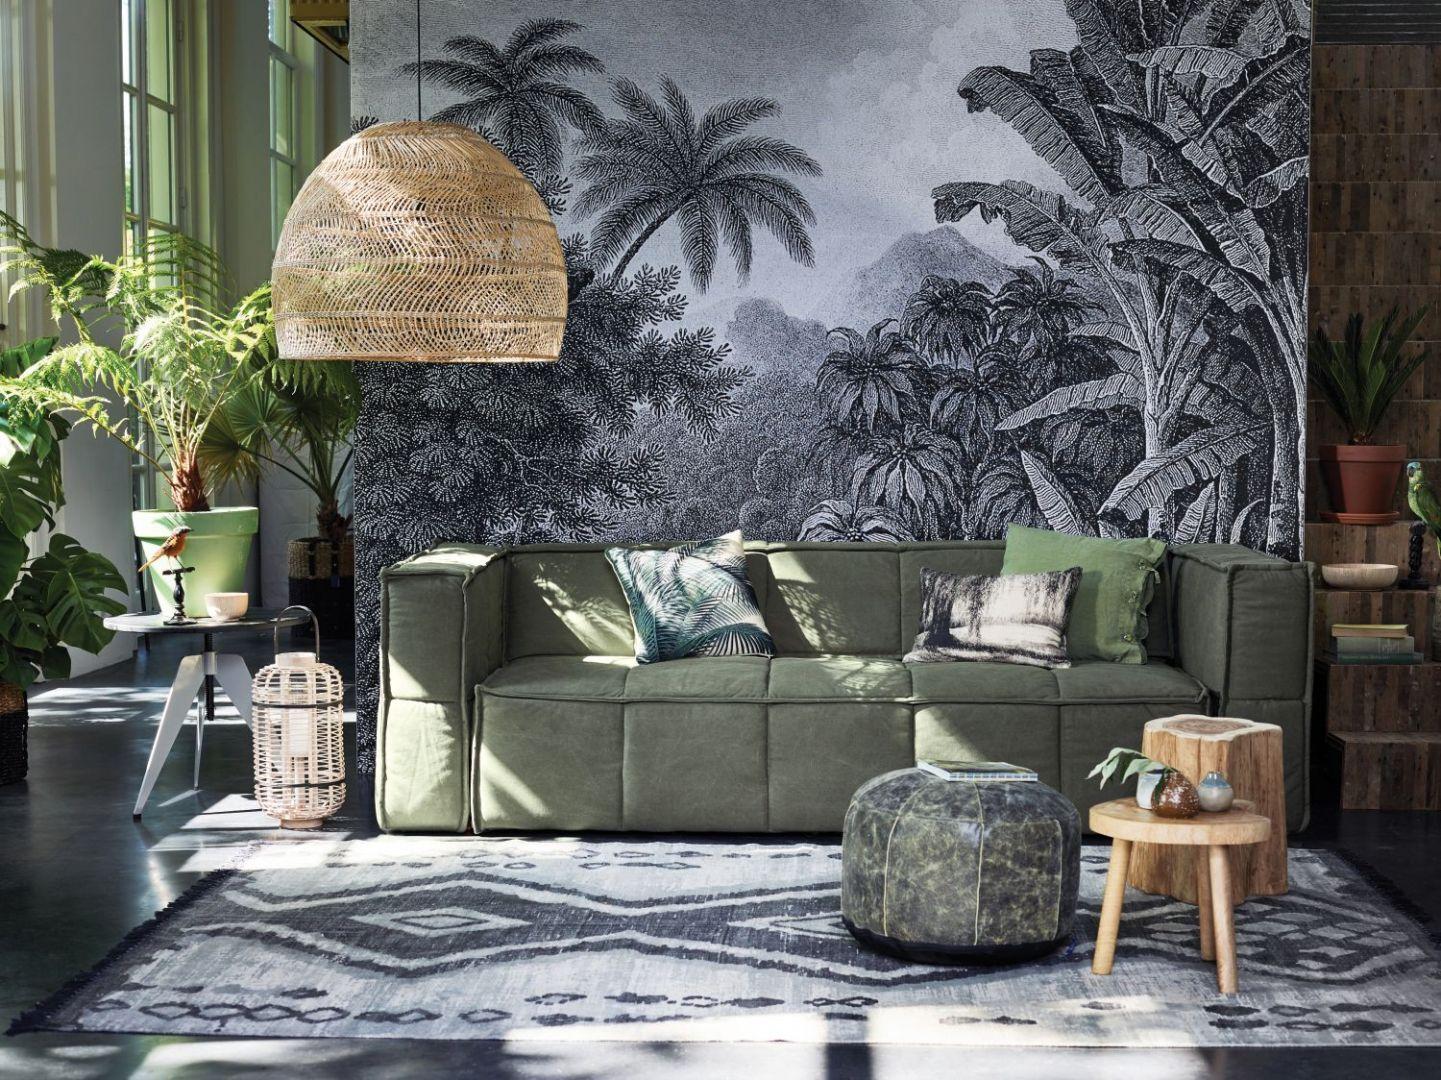 Wakacyjne inspiracje we wnętrzach. Fot. HK Living / 9design